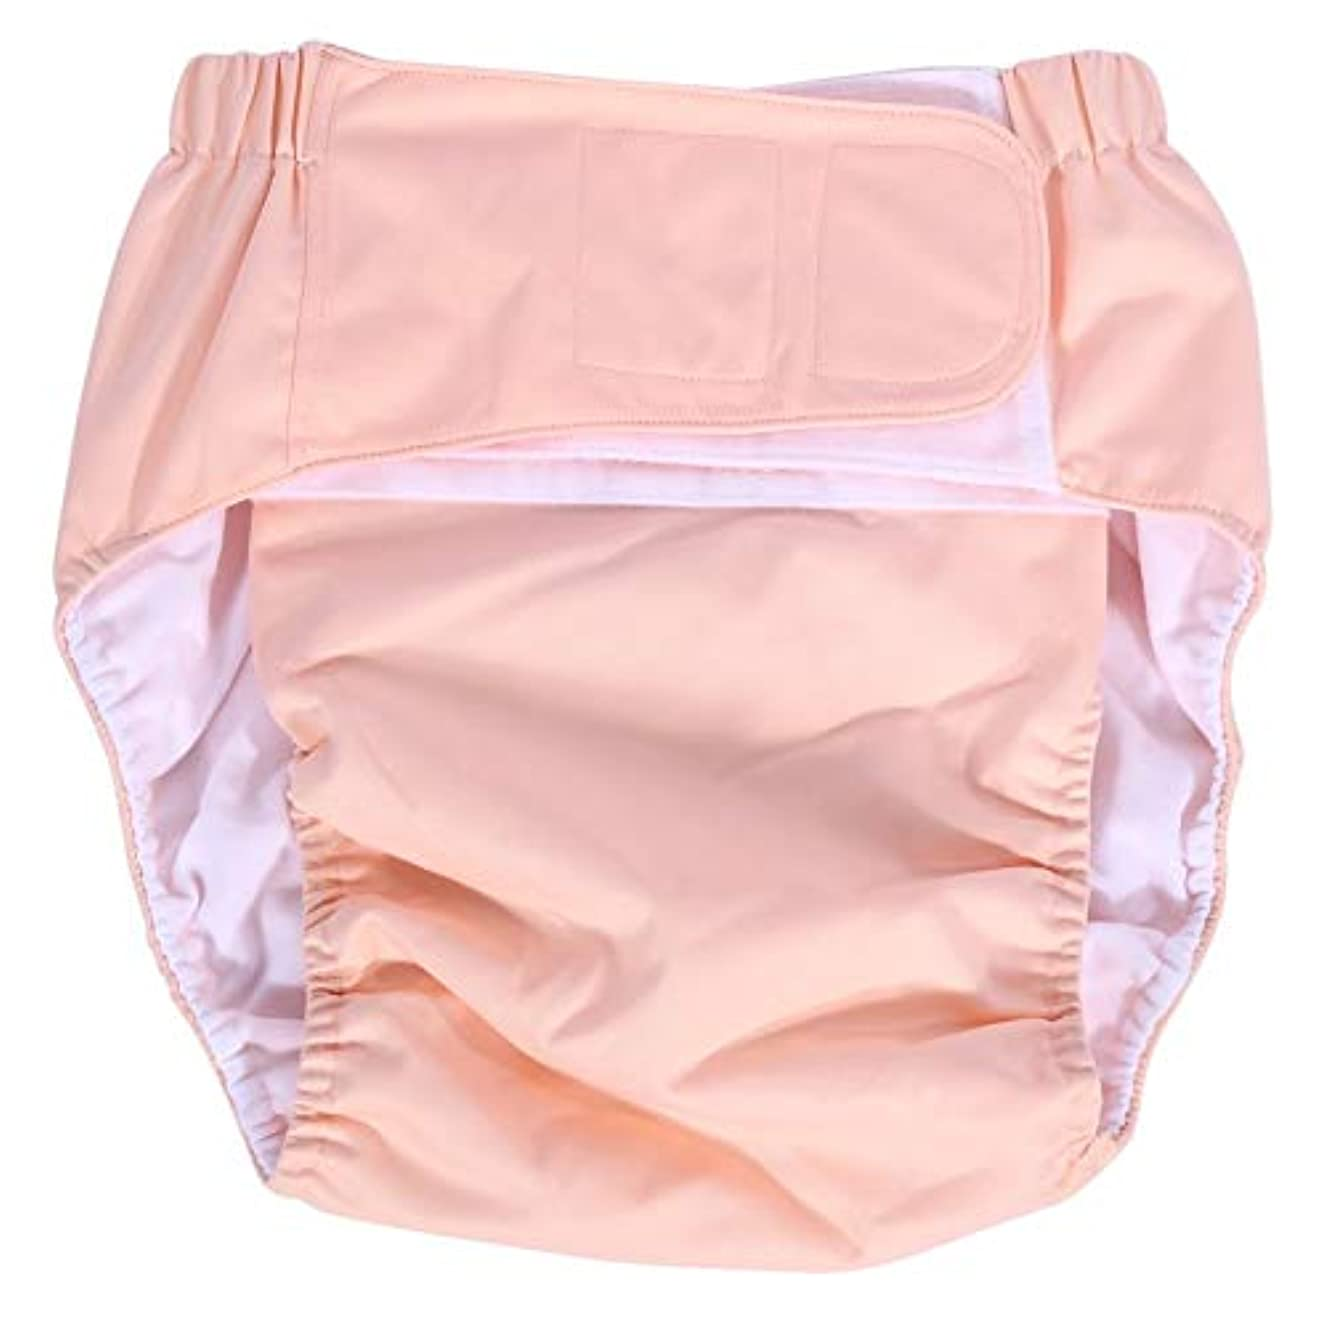 霧深いモンゴメリー群集大人用おむつ、洗える再利用可能な超吸収性おむつ中失禁下着ナプキン大人用パンツ (Color : ピンク)